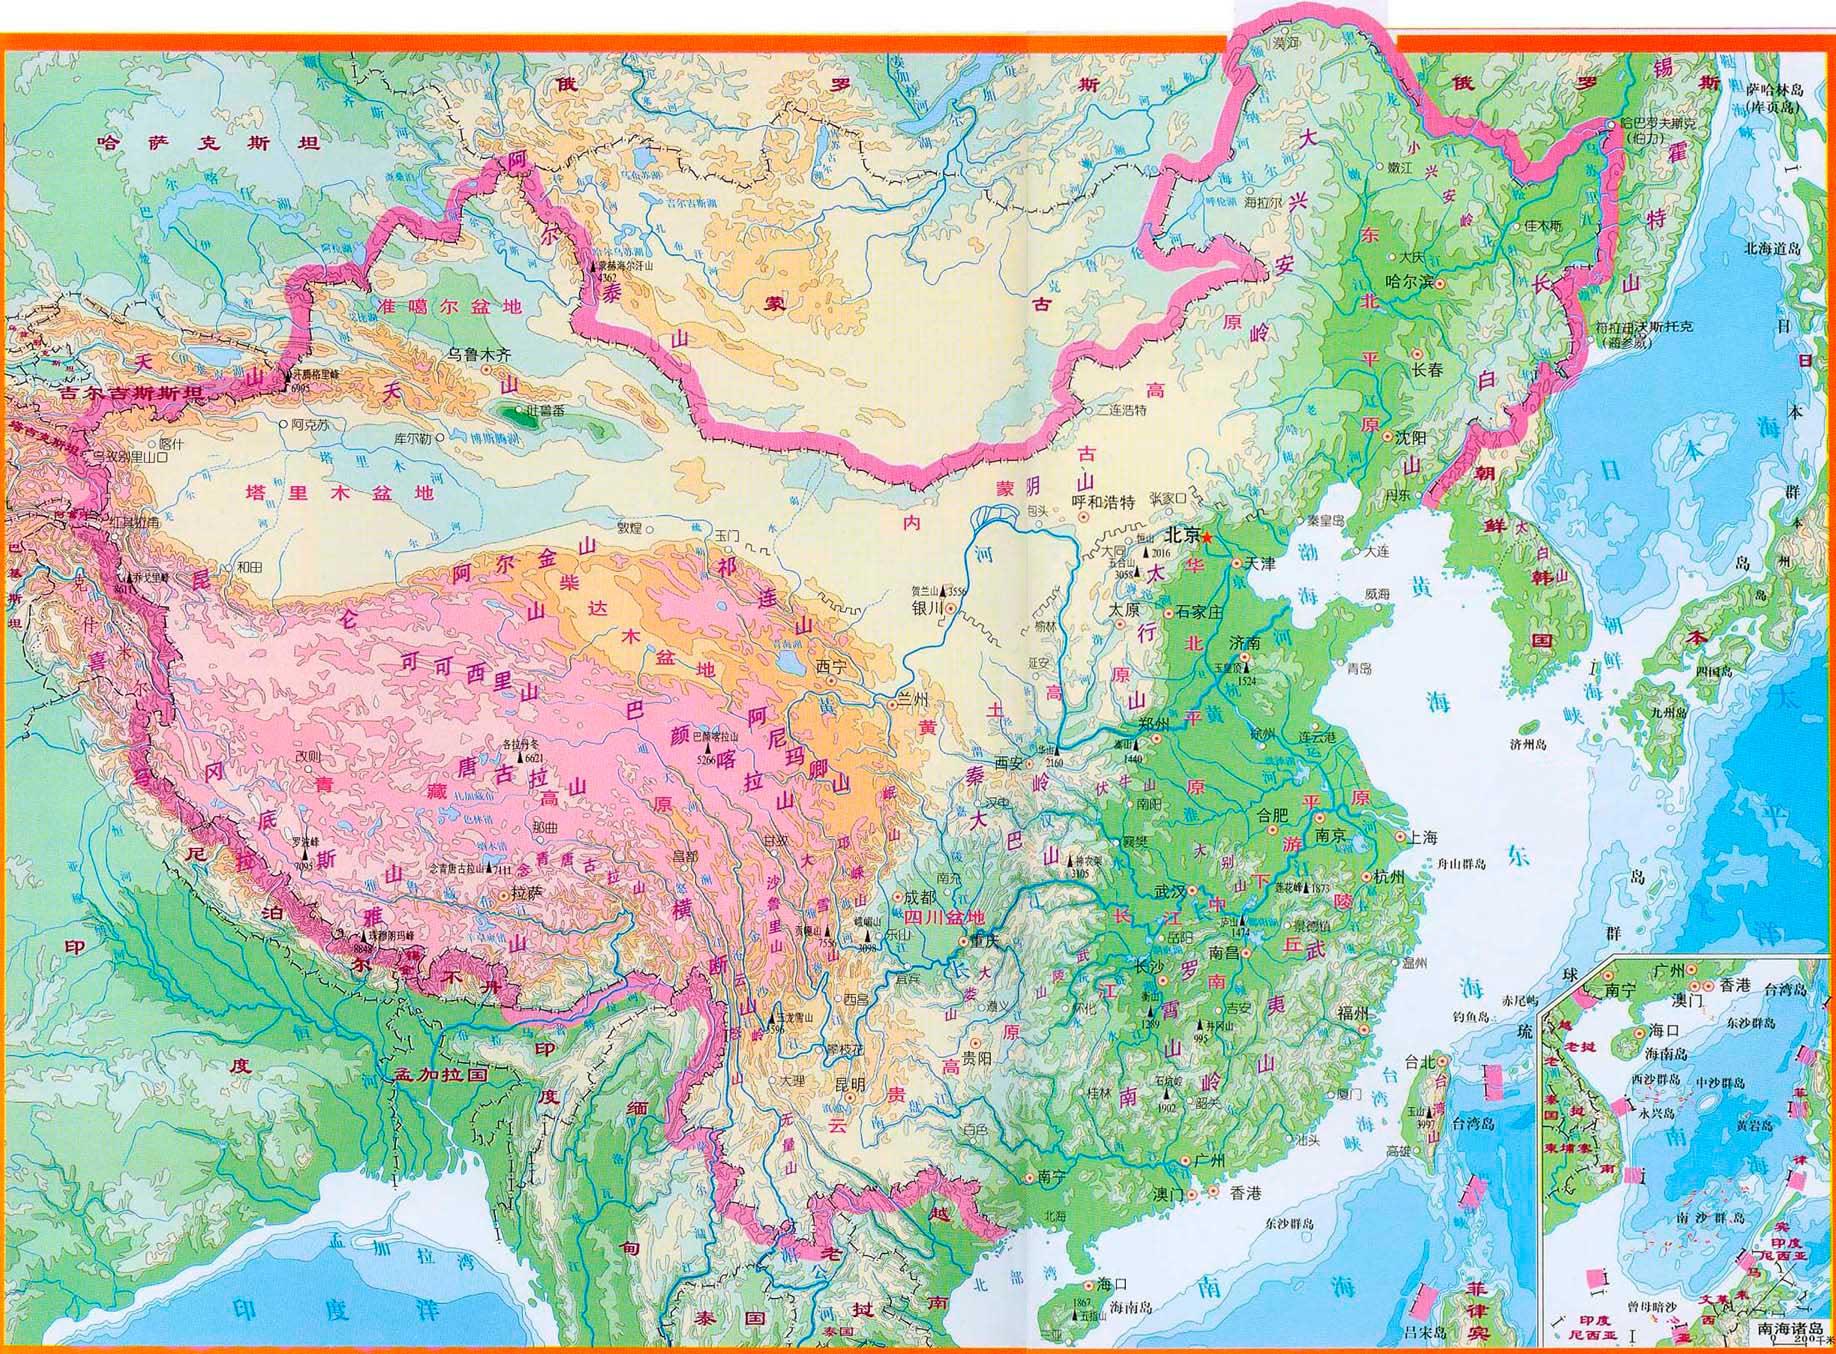 中国地形图高清